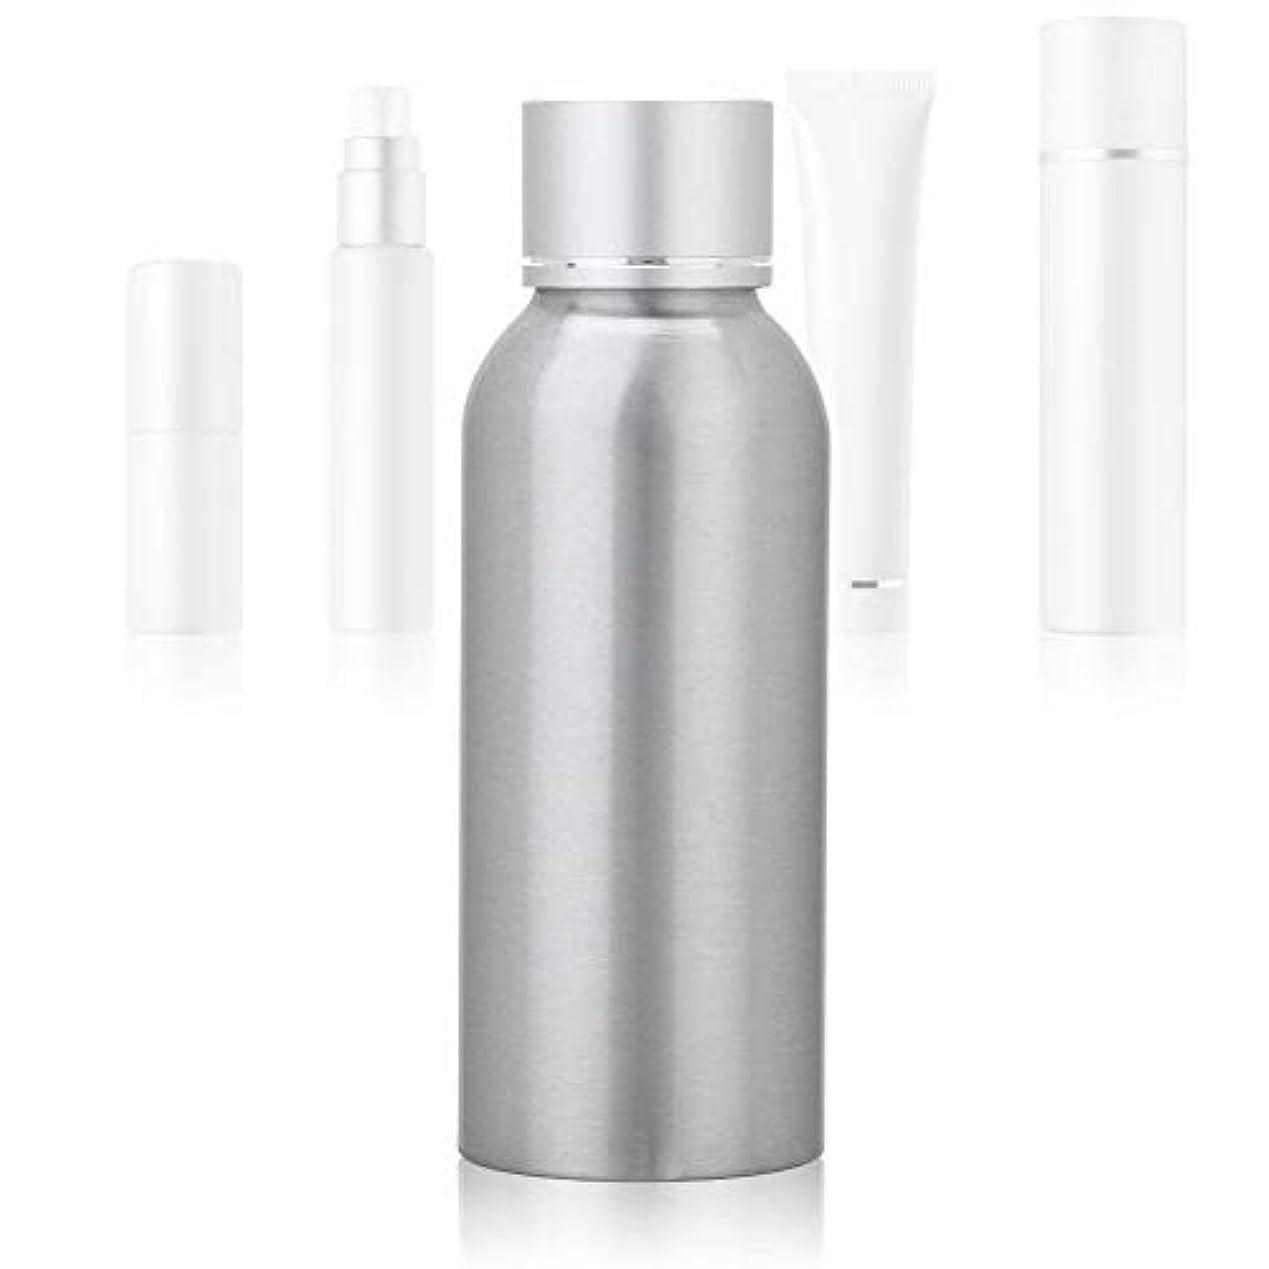 こどもの宮殿過言伝染病100 MLアジア銀陽極酸化アルミニウム 空の化粧品ボトル ポータブルDIY スキンケア 製品トナーコンテナーボトル